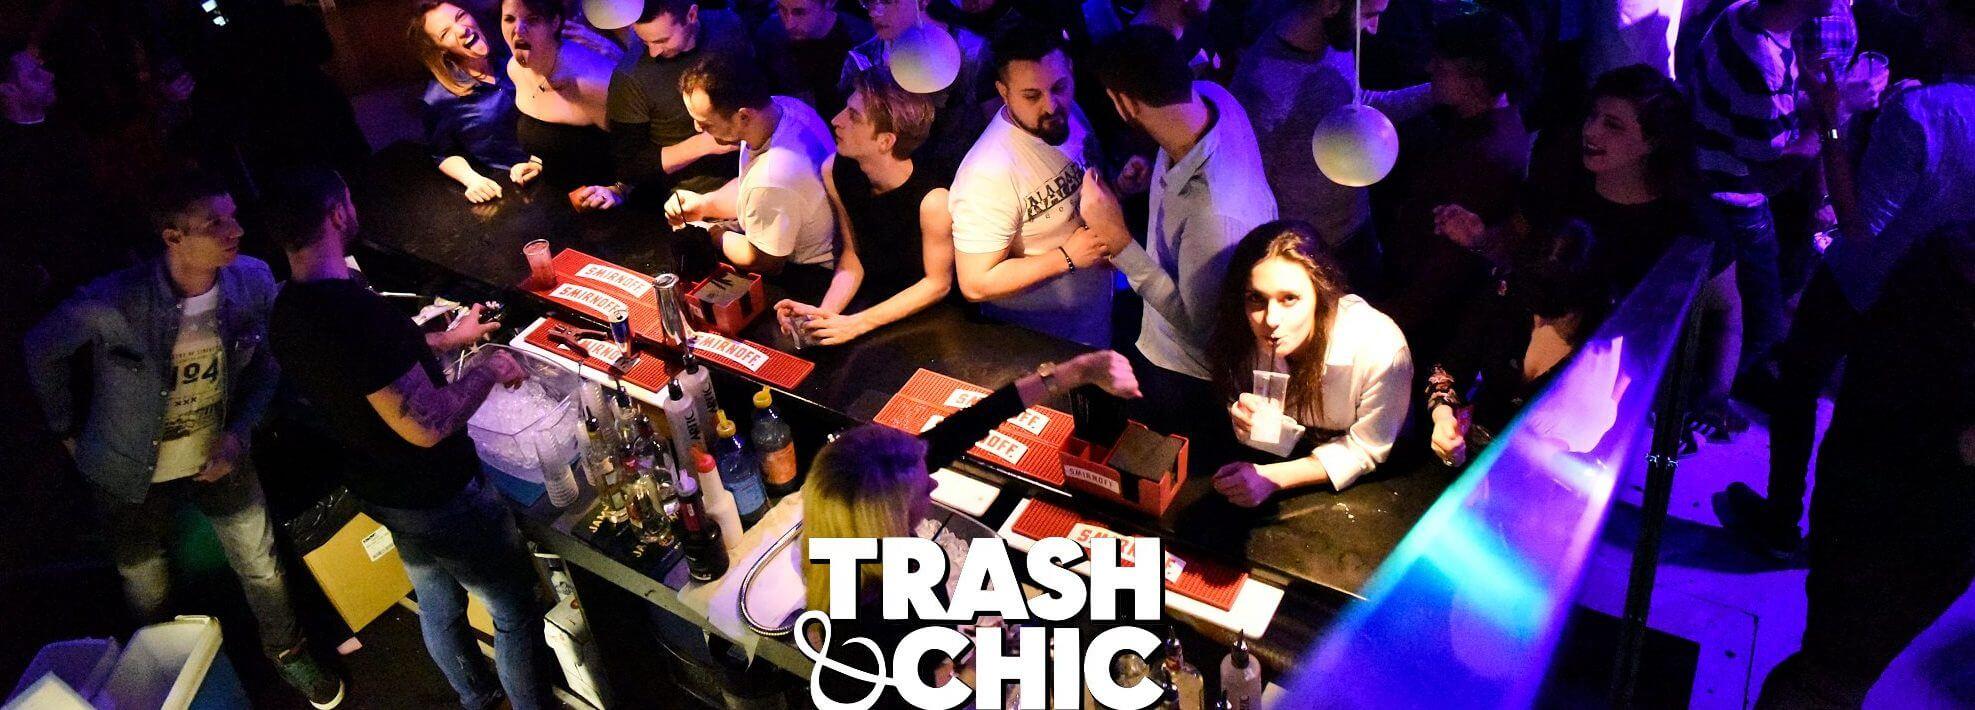 Trash & Chic gay parti Venice